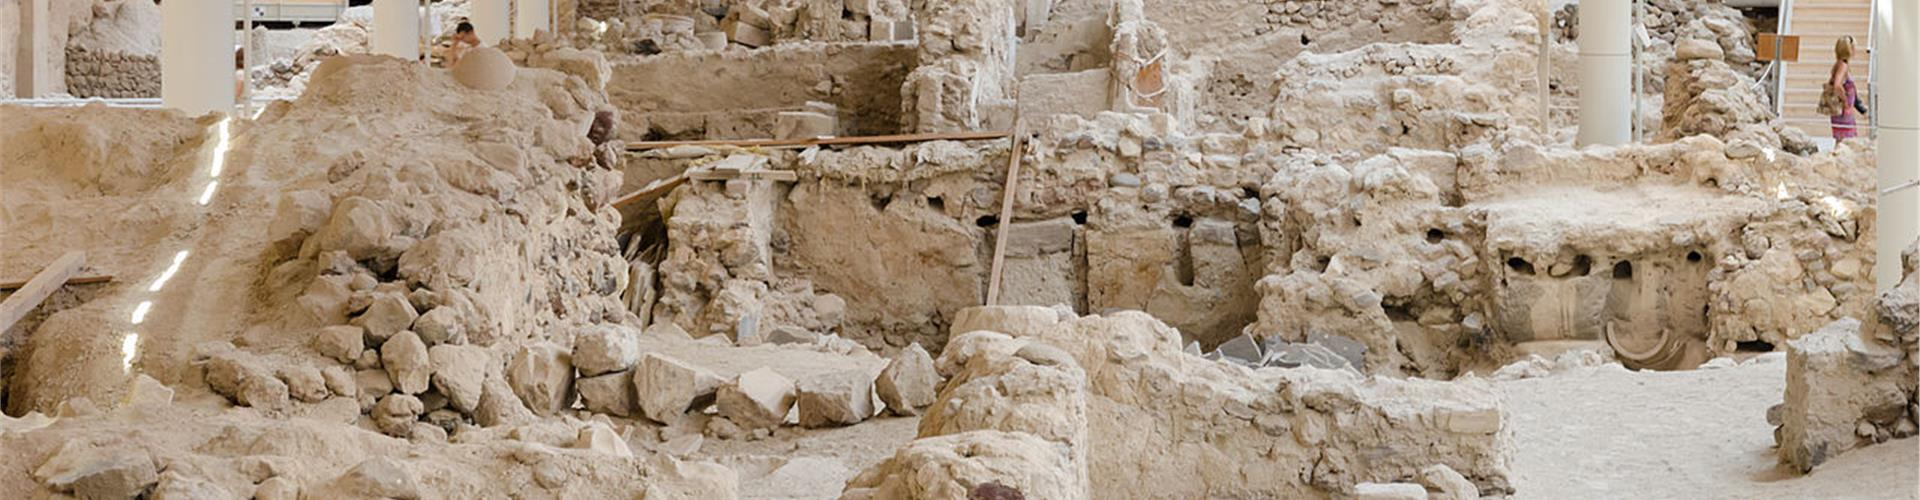 Excavations of Akrotiri - Museums - Santorini